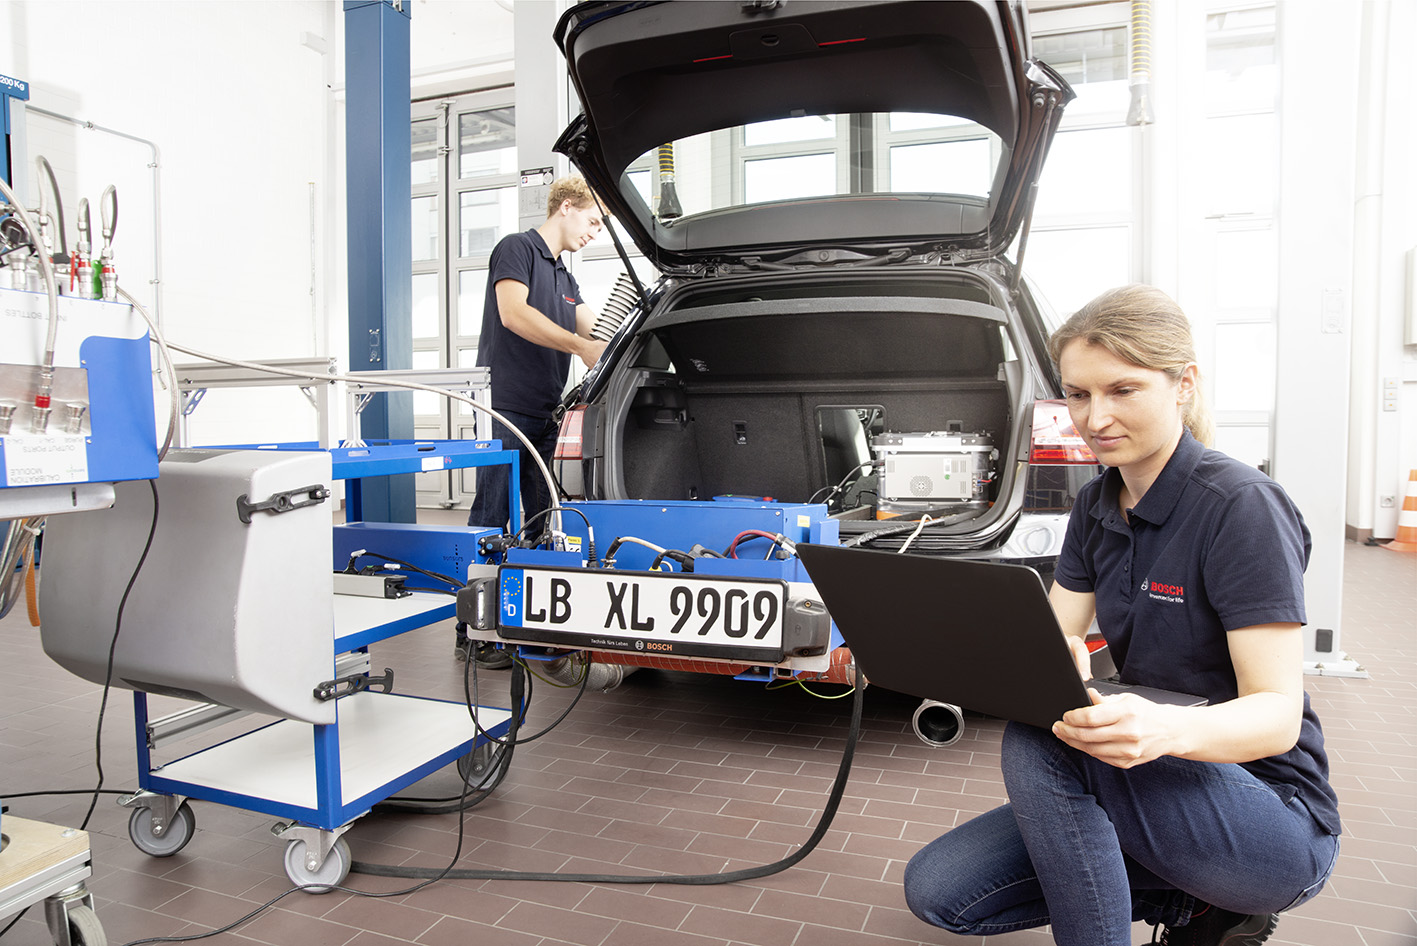 Umelá inteligencia môže aj naďalej zvyšovať výkon spaľovacích motorov